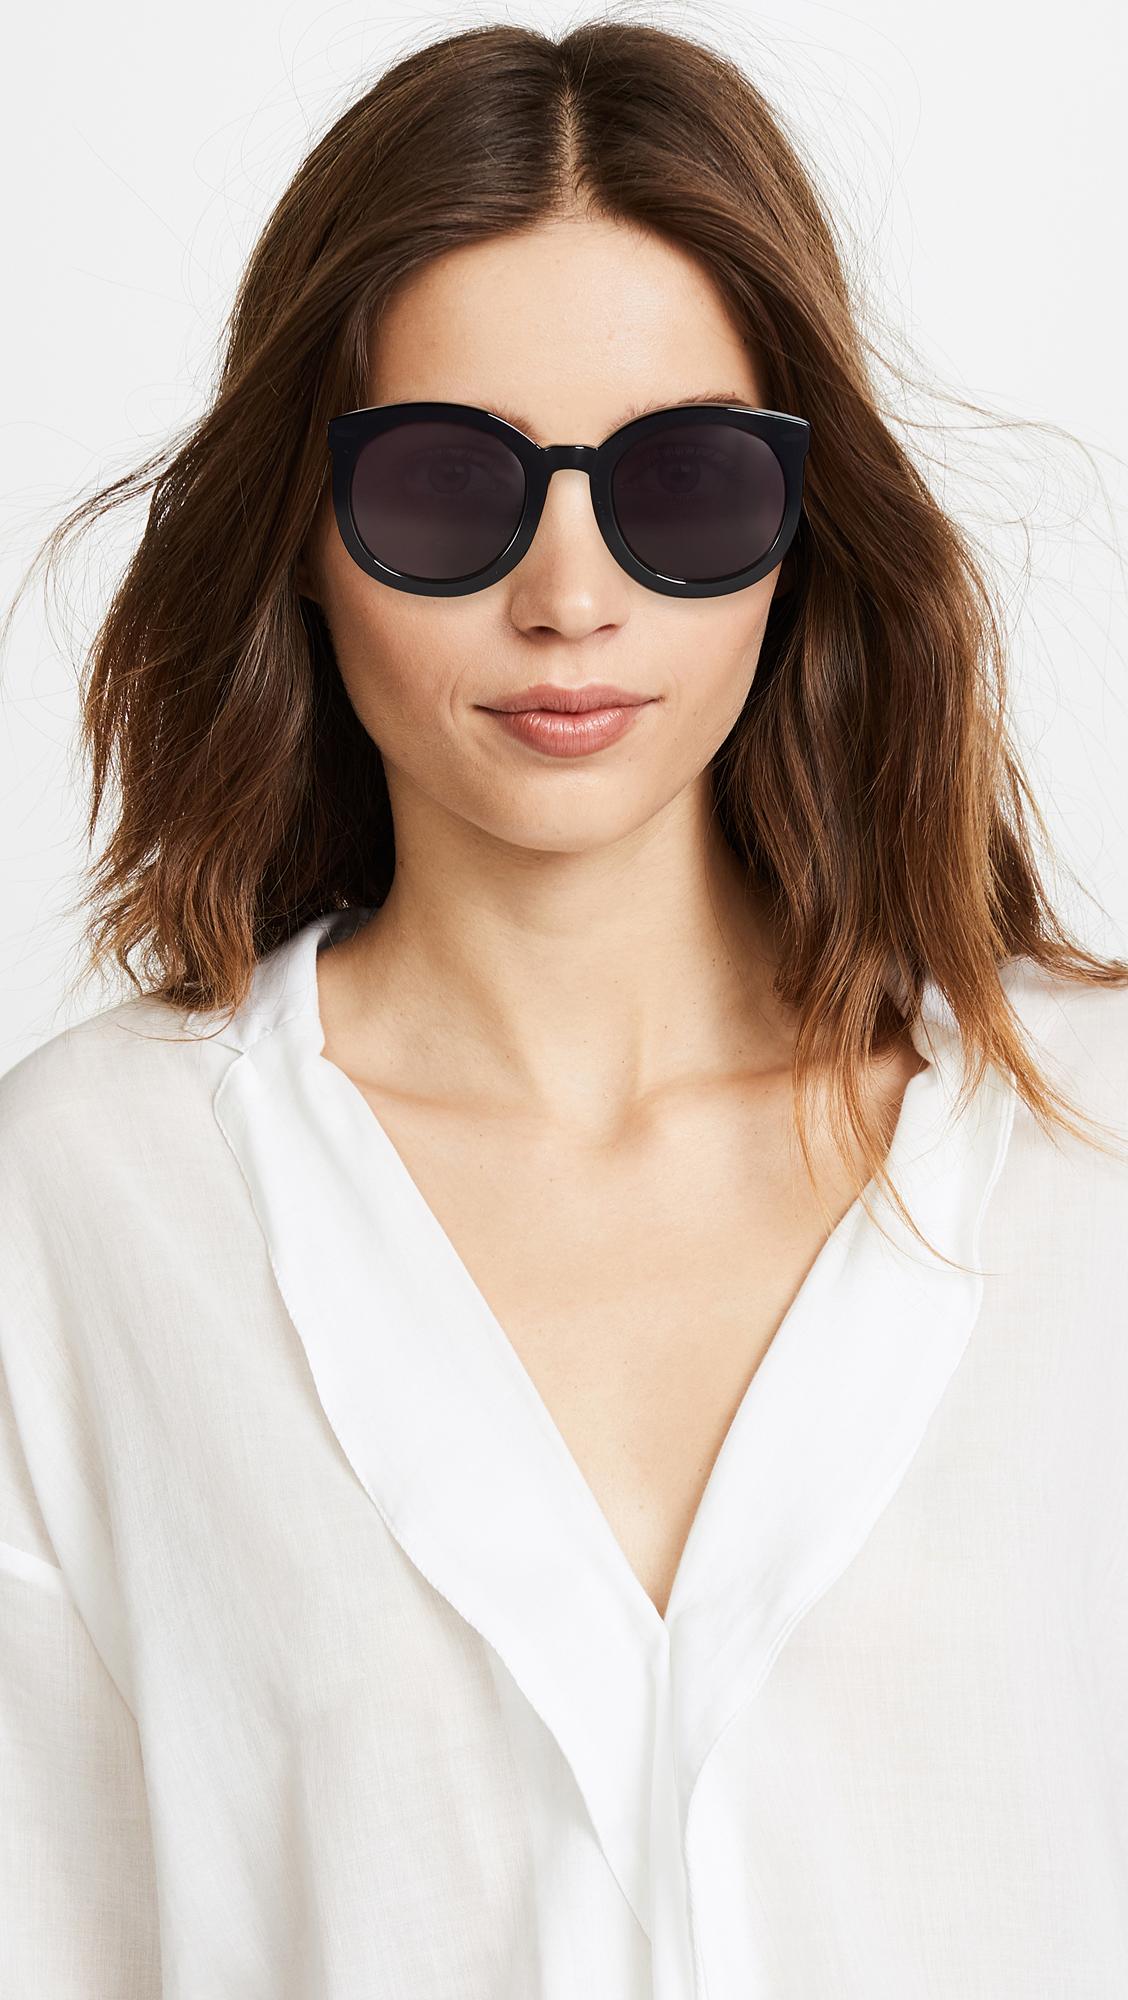 c34c2aad0162 Karen Walker Super Duper Strength Sunglasses